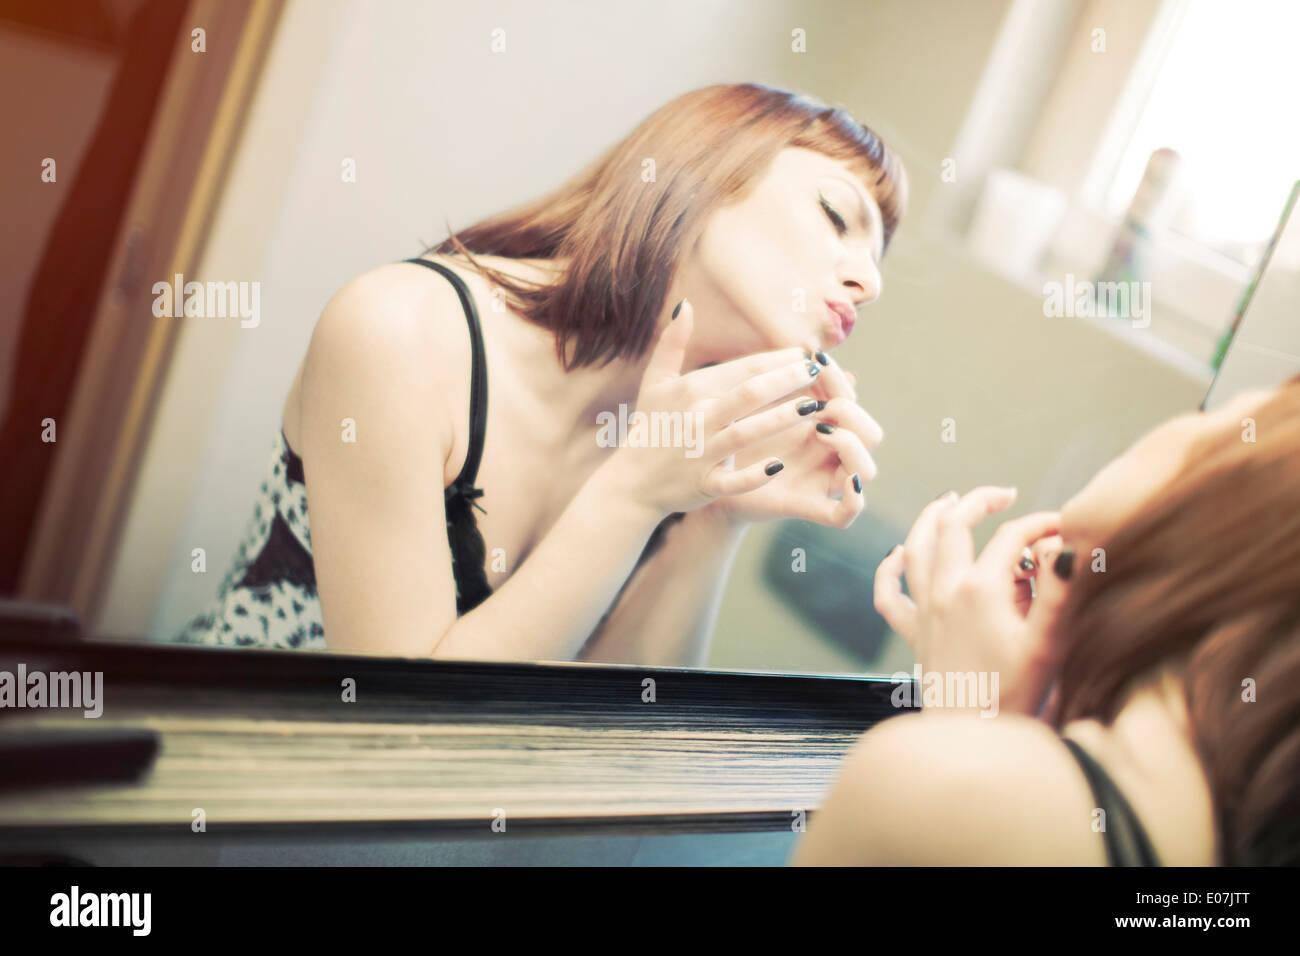 Junge Frau im Nachthemd vor einem Spiegel Stockbild